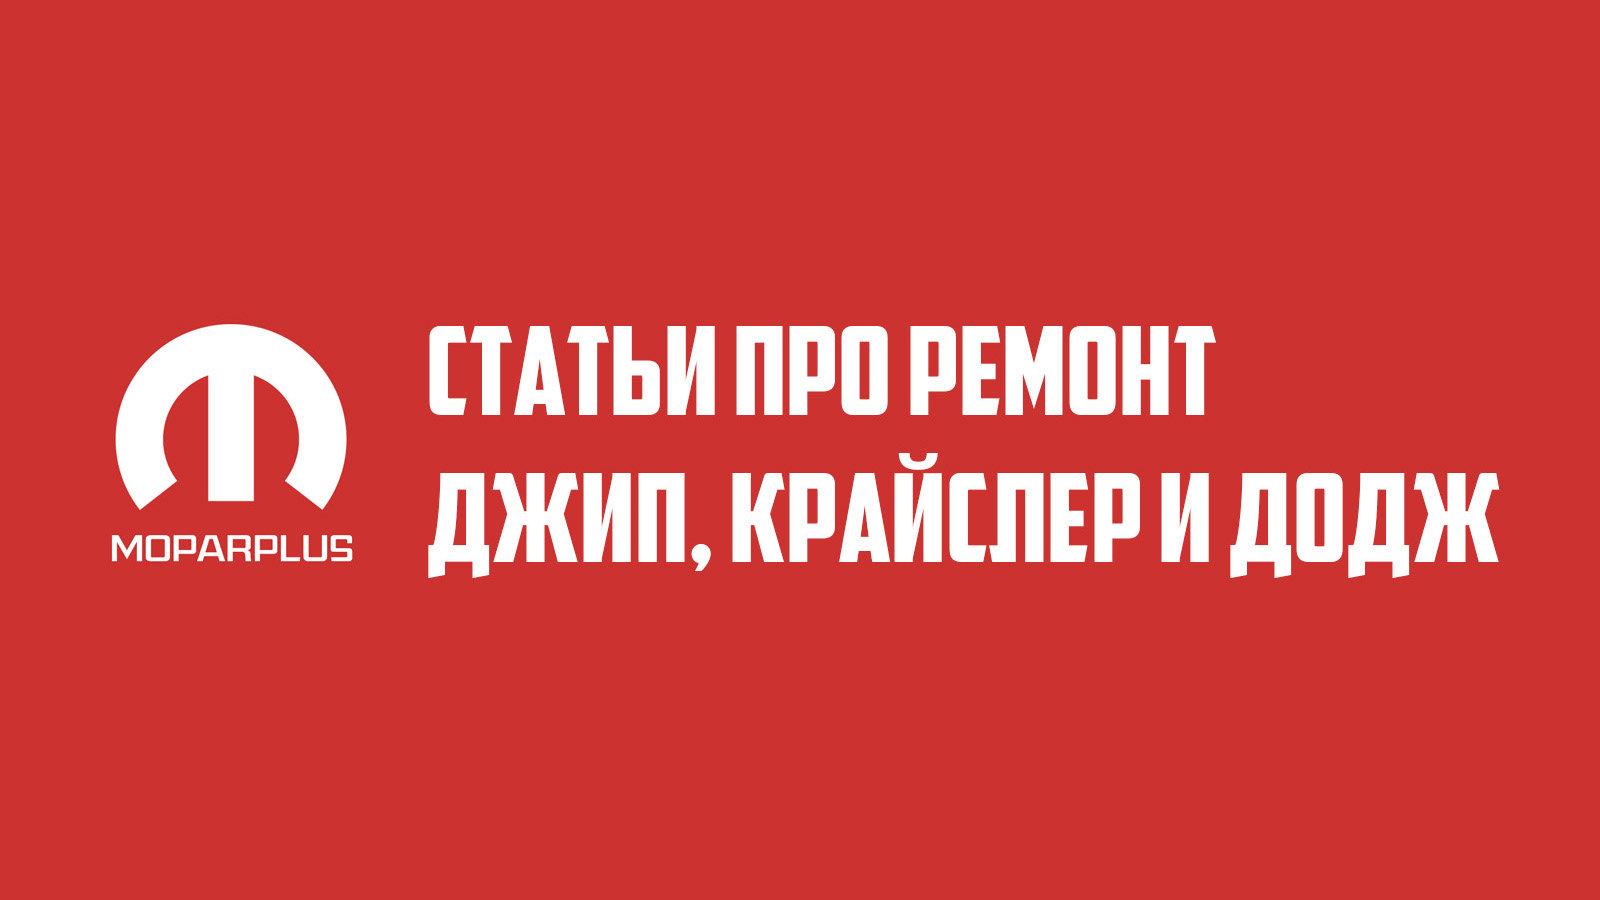 Статьи про ремонт. Выпуск №11.